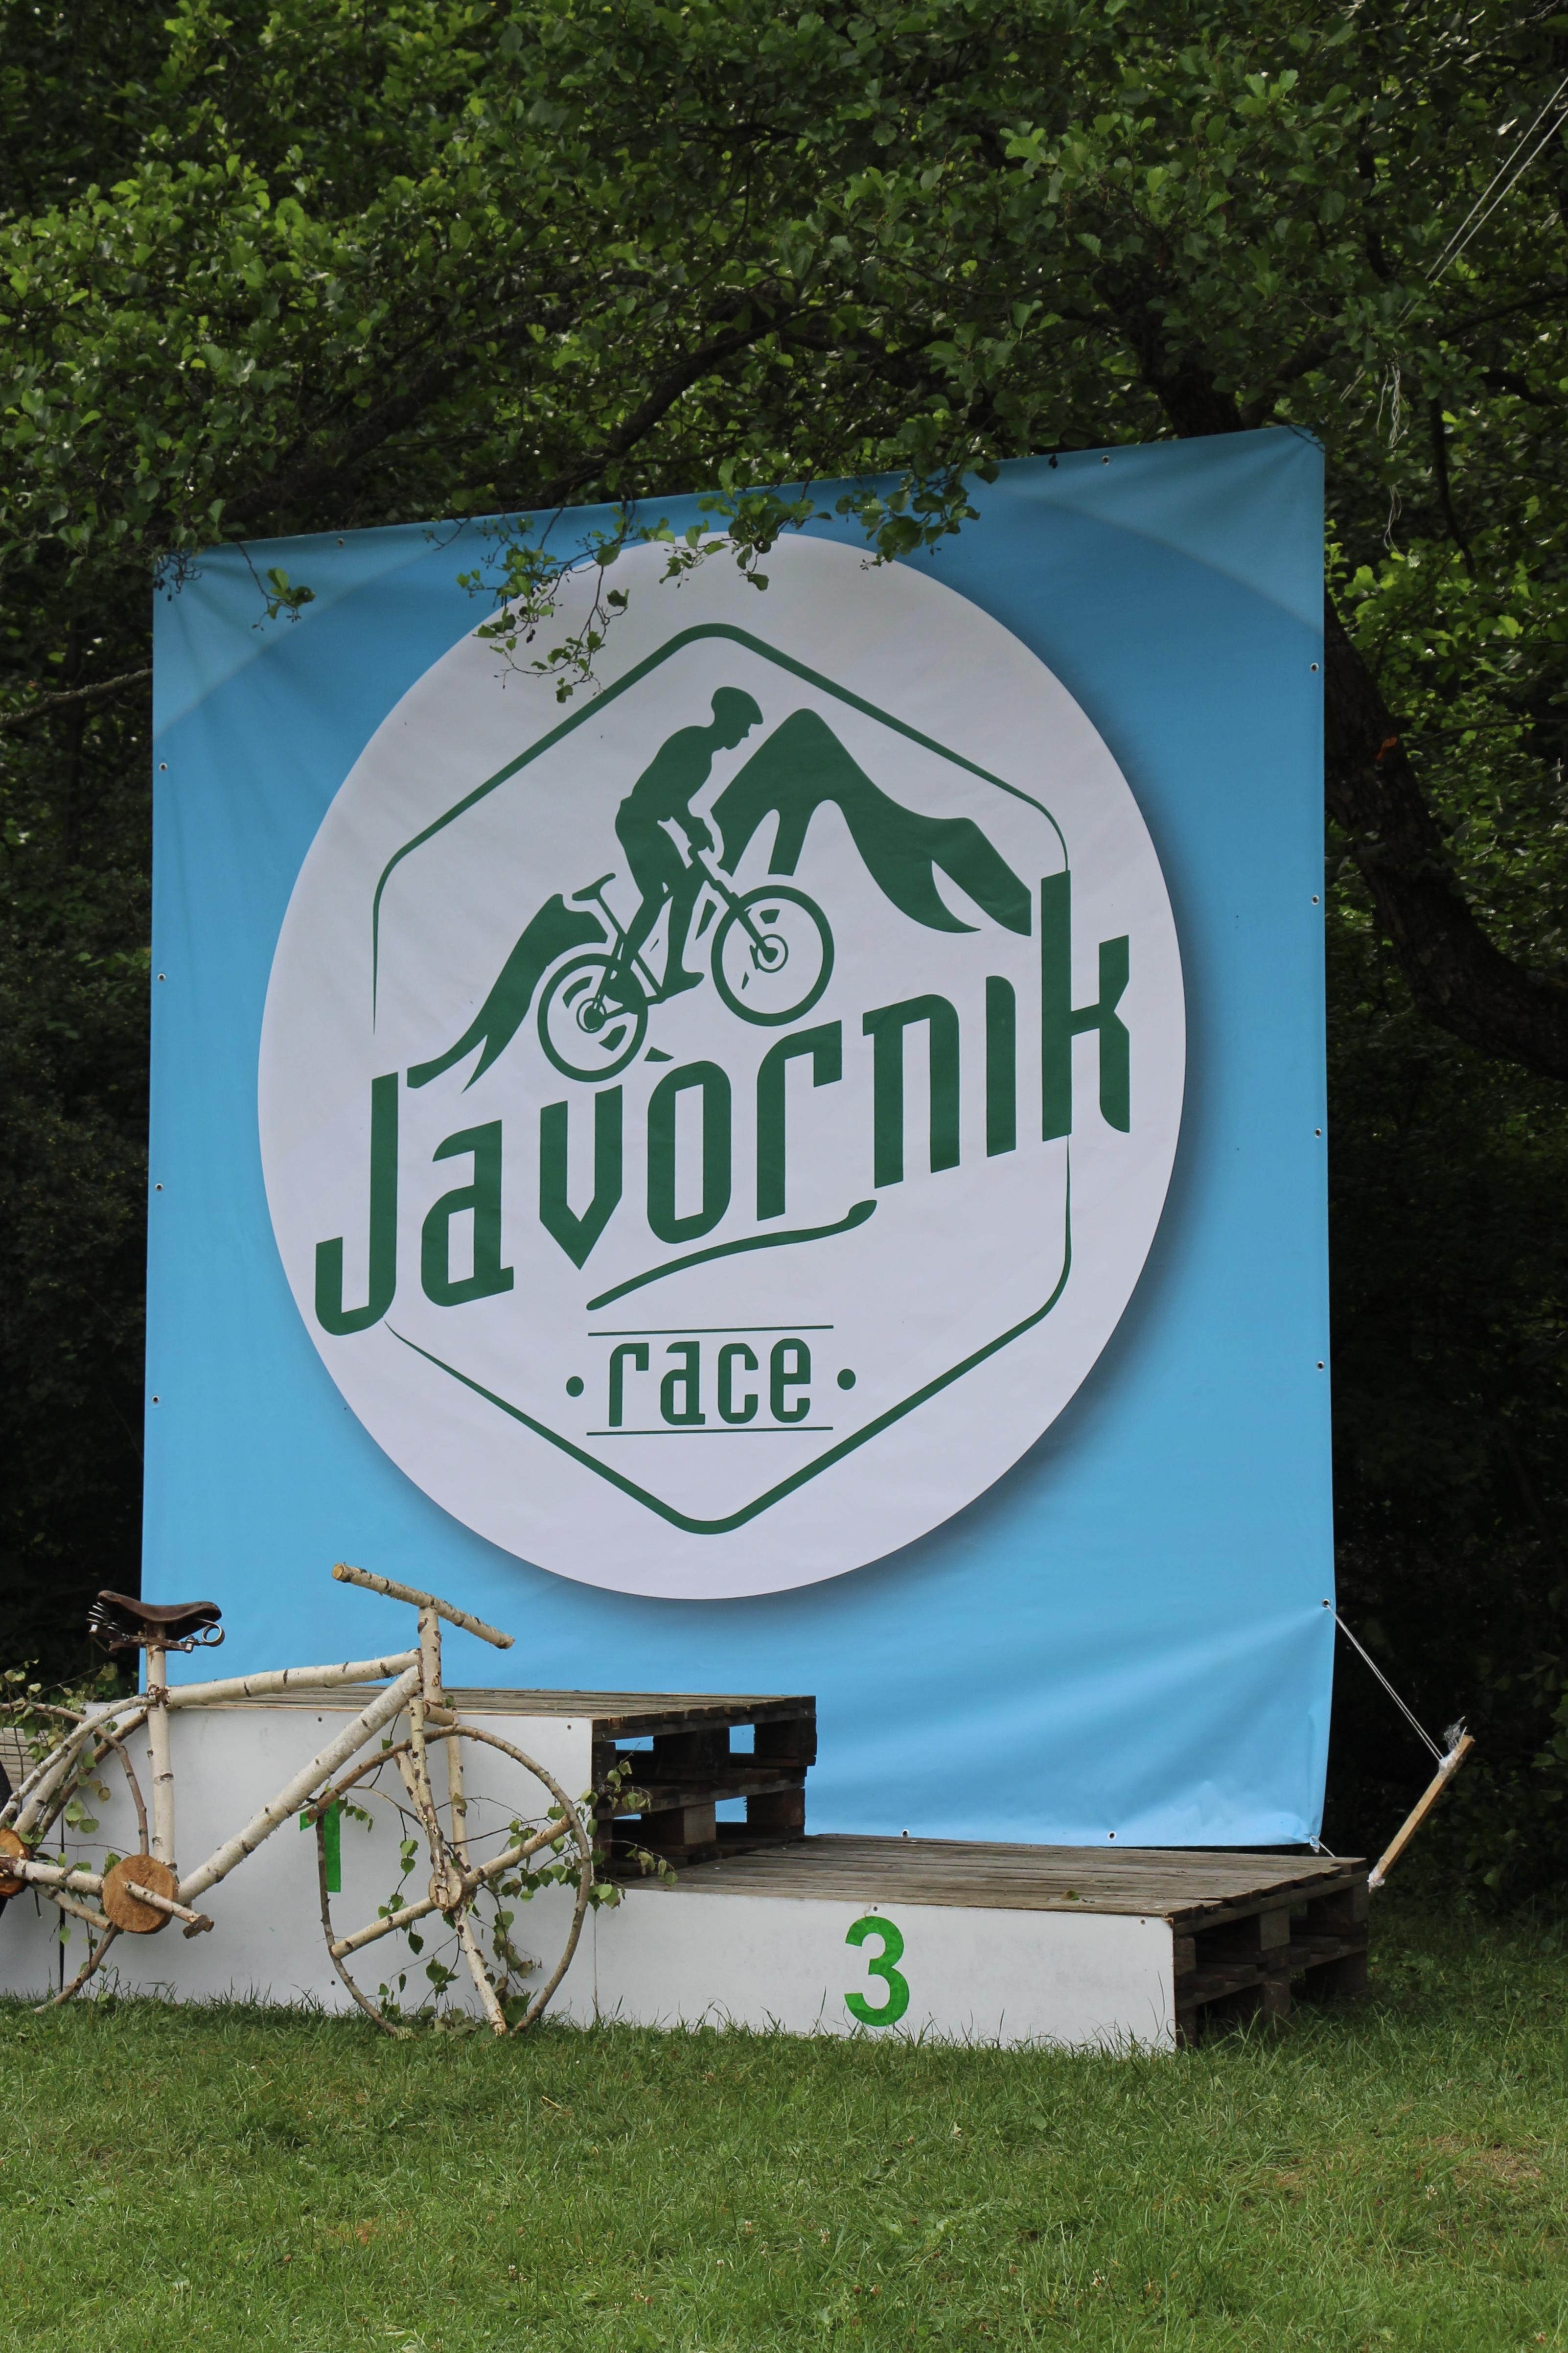 Велозмагання  Javornik Race в урочищі Термачув